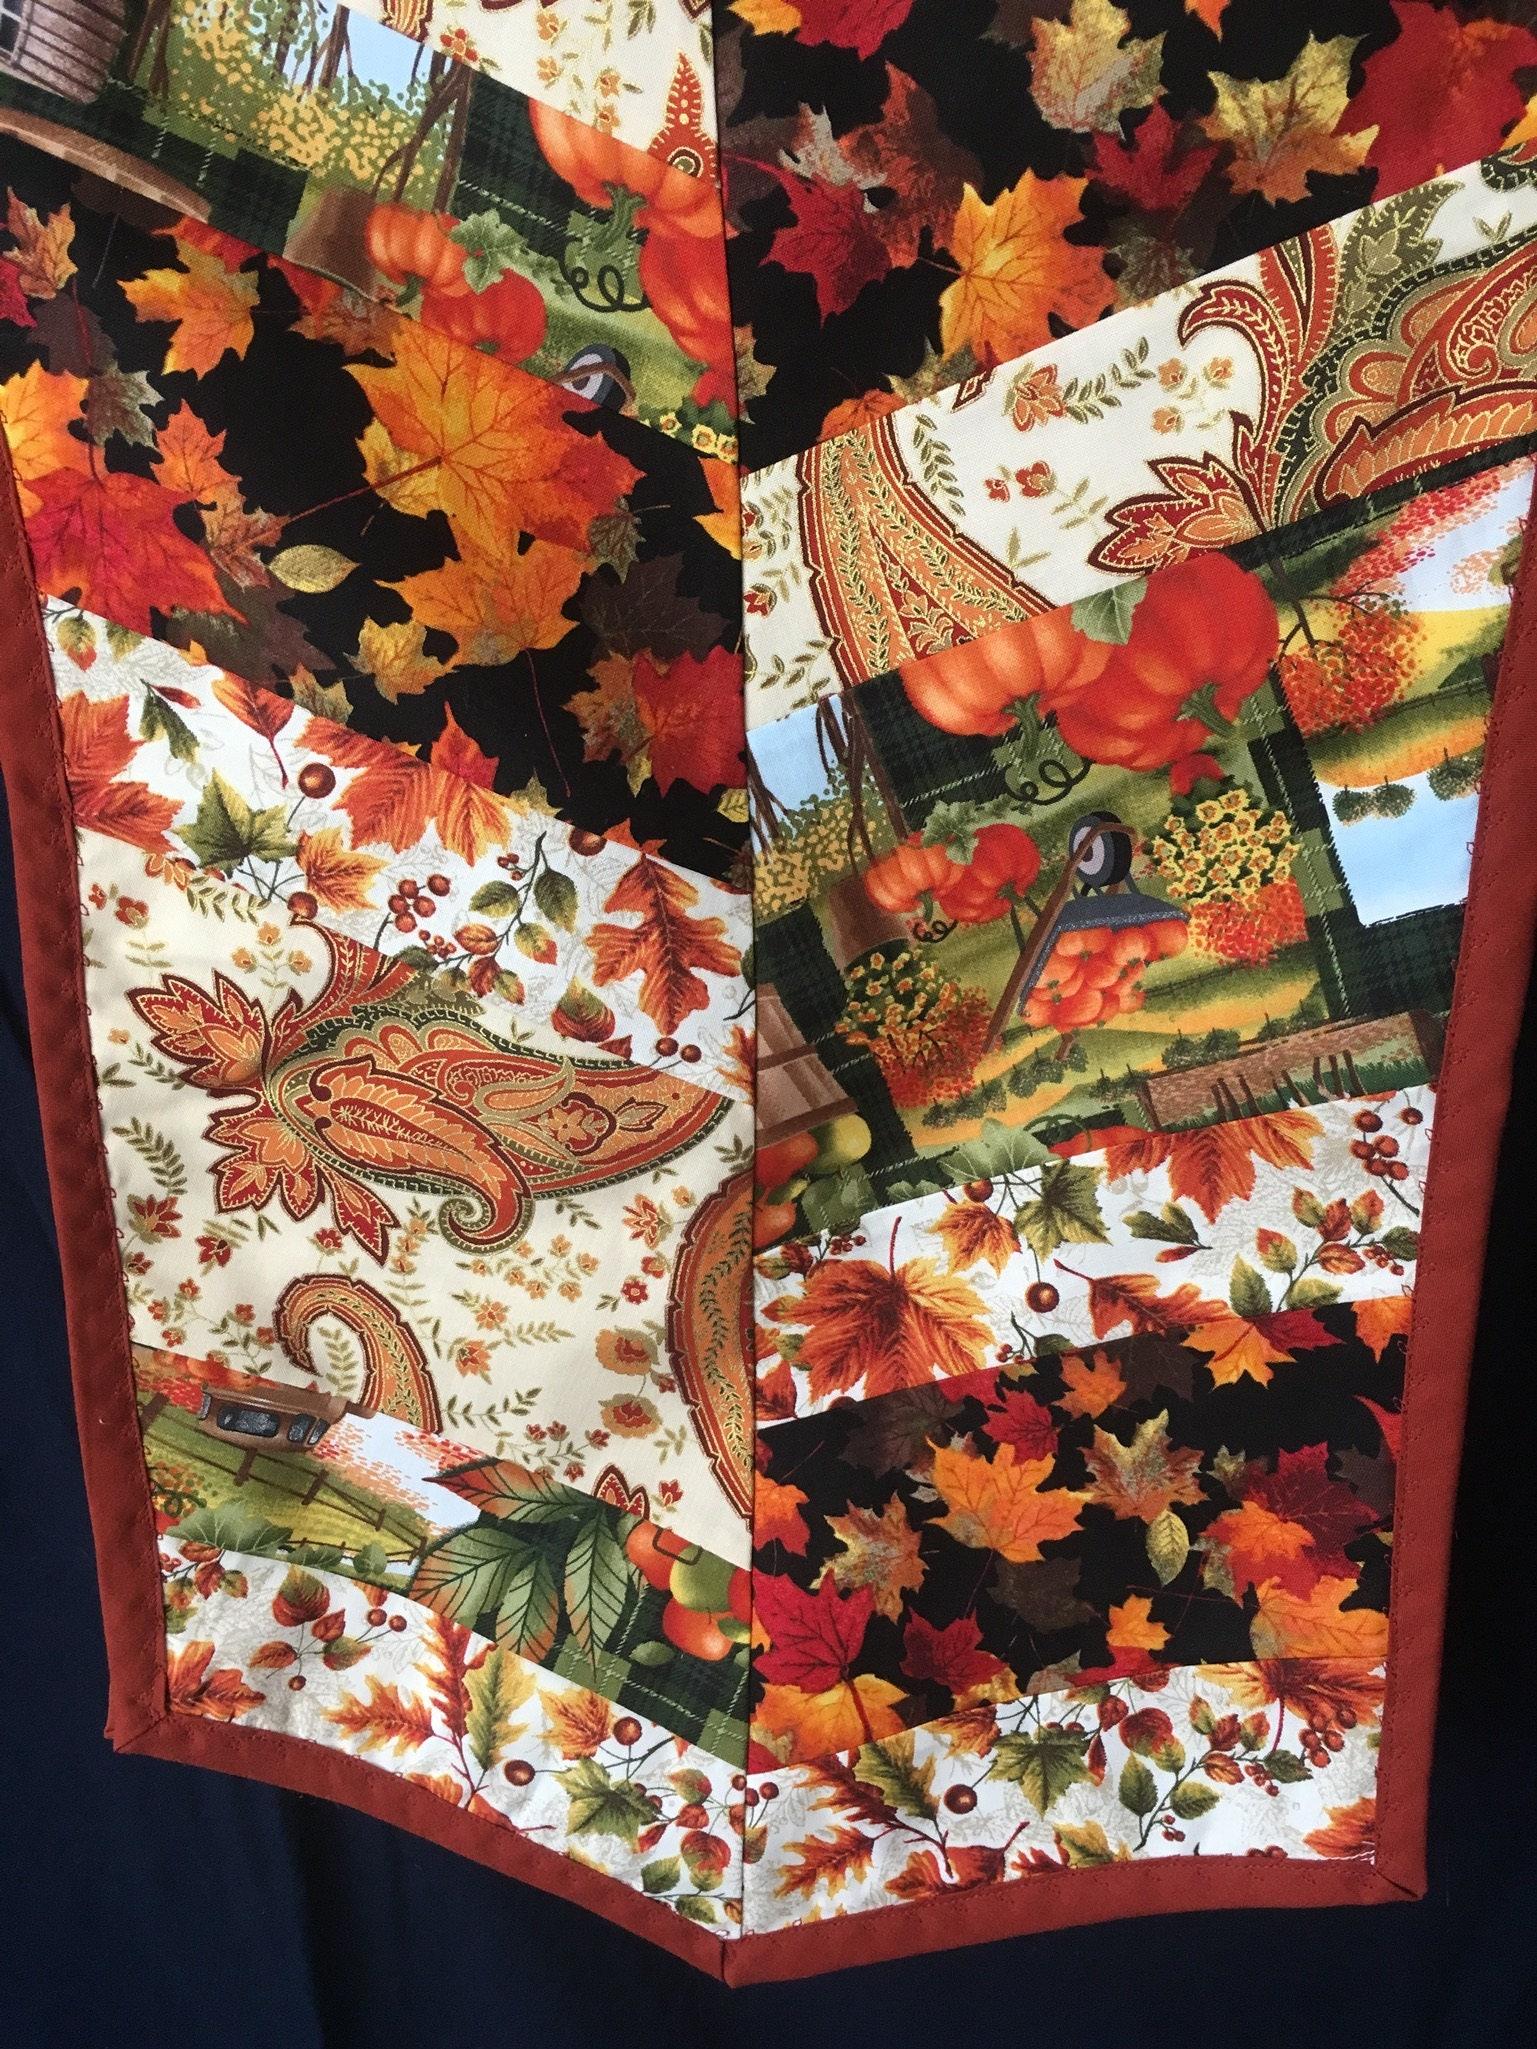 Fall Table Runner, Harvest Table Runner, Thanksgiving Table Runner, Autumn Table  Runner, Thanksgiving Tablecloth, Fall Tablecloth, Chevron